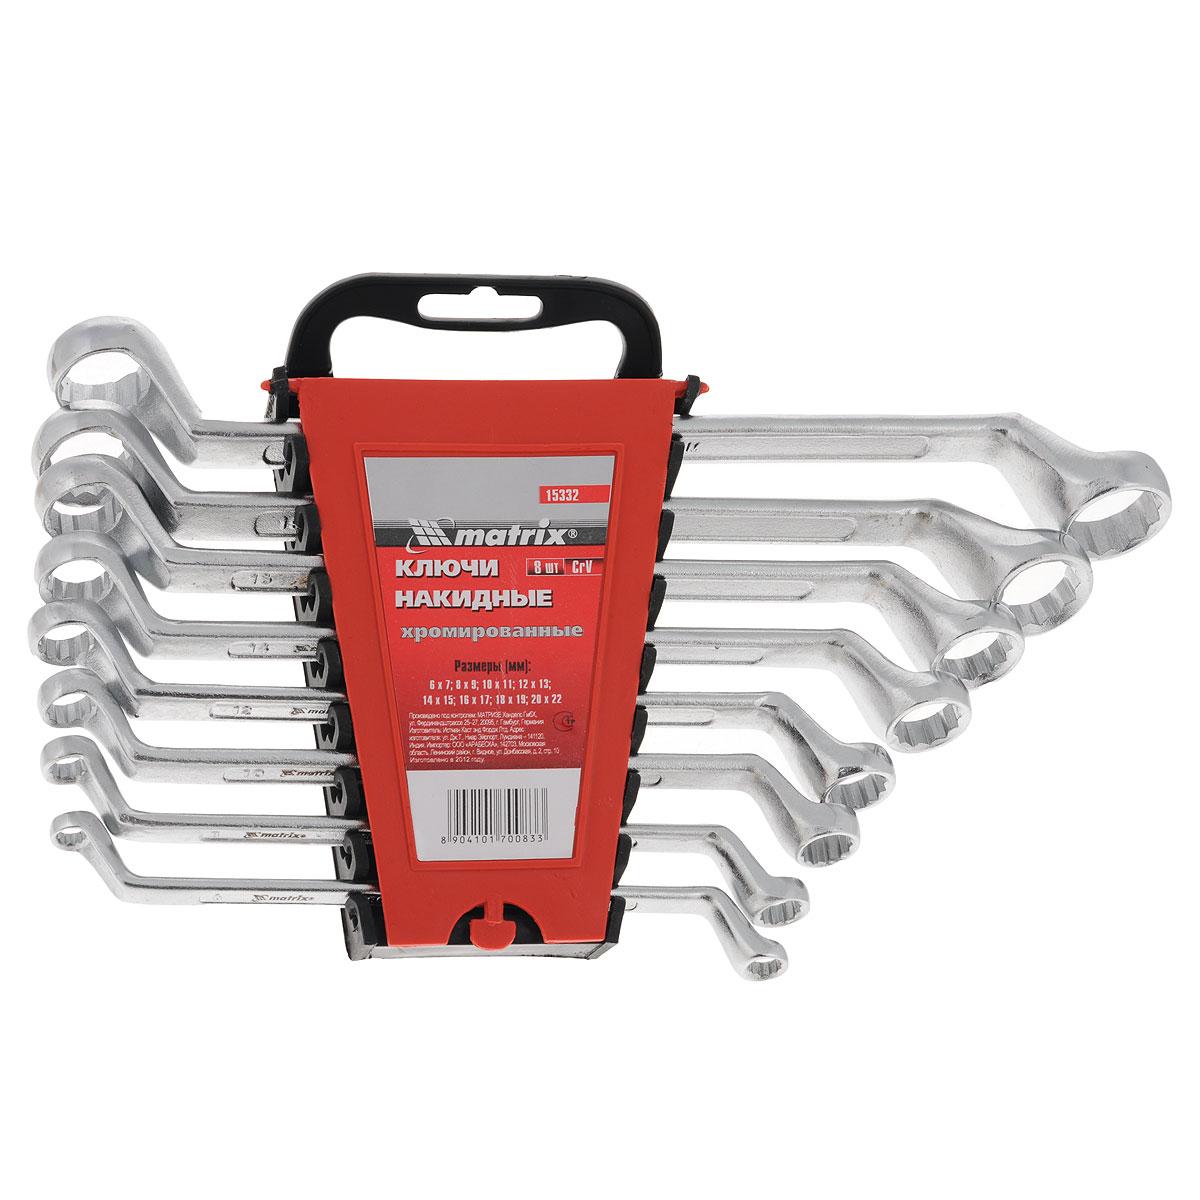 Набор ключей накидных Matrix, полированный хром, 8 шт15332Ключи накидные Matrix станут отличным помощником монтажнику или владельцу авто. Этот инструмент обеспечит надежную фиксацию на гранях крепежа. Инструменты изготовлены из высококачественной хромированной стали. Ключи имеют 2 кольцевых зева разных размеров. Профиль кольцевого зева имеет двенадцать граней, что увеличивает площадь соприкосновения рабочих поверхностей.Состав набора: ключи 6 х 7 мм, 8 х 9 мм, 10 х 11 мм, 12 х 13 мм, 14 х 15 мм, 16 х 17 мм, 18 х 19 мм, 20 х 22 мм.